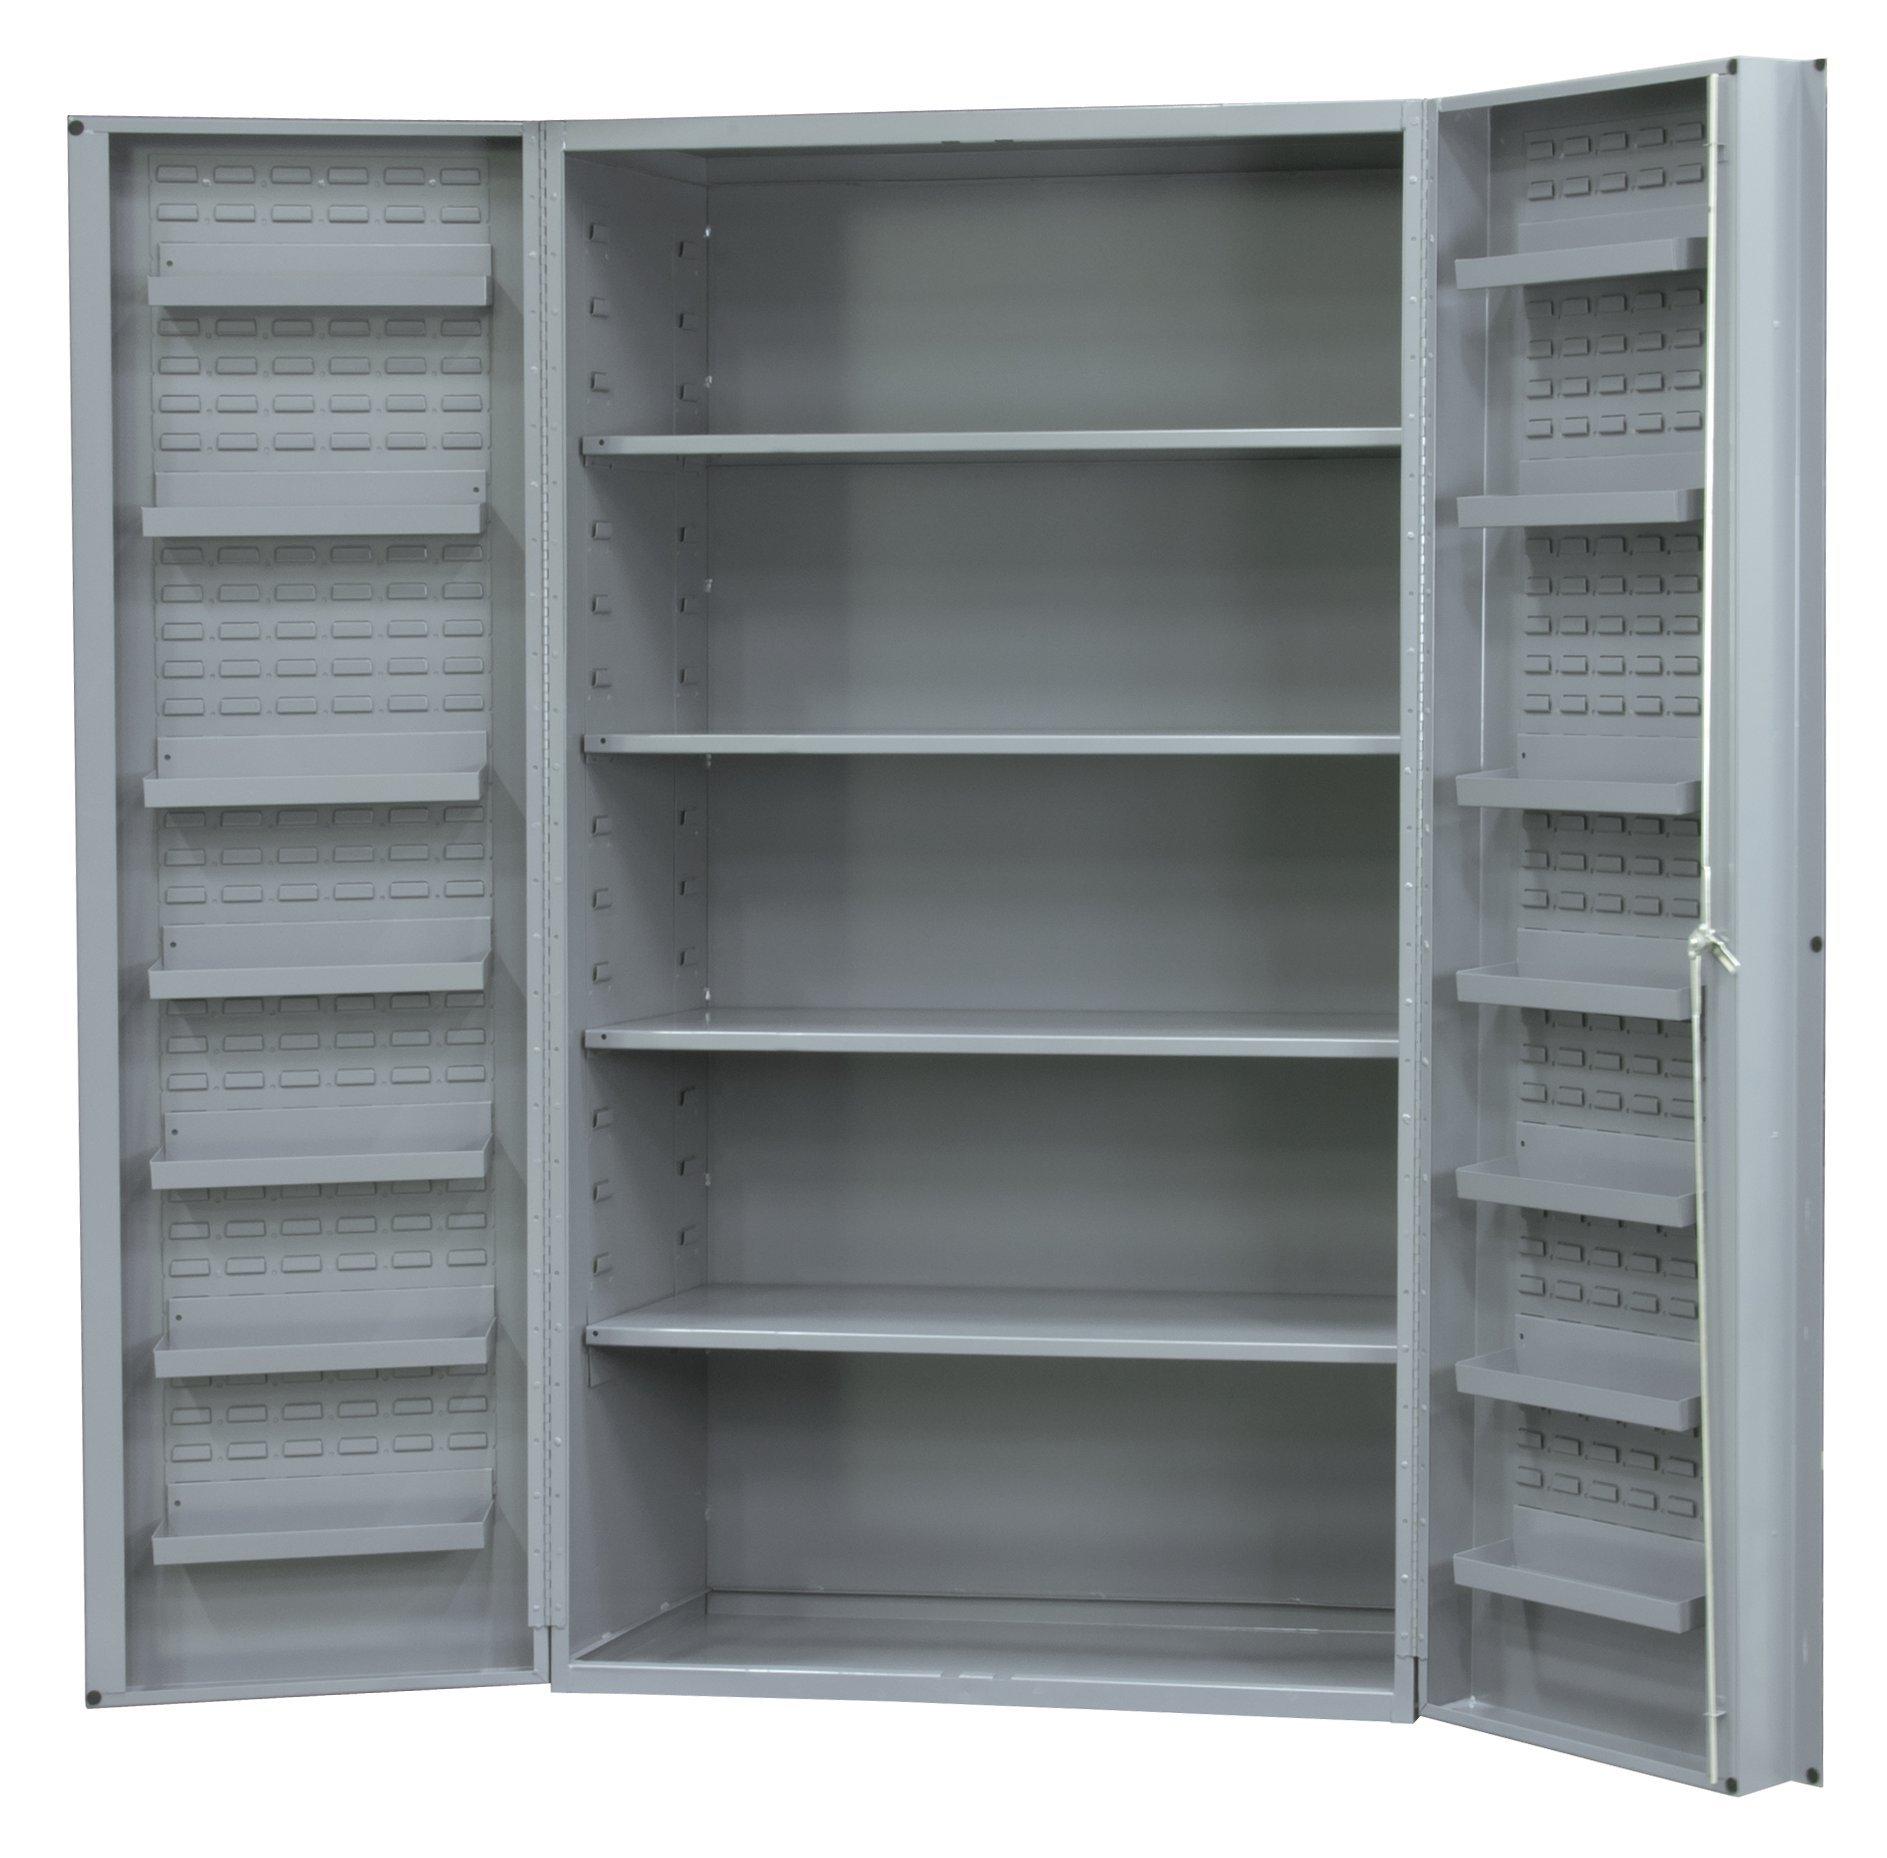 Durham Heavy Duty Welded 14 Gauge Steel Cabinet with 14 Door Shelves, DC48-4S14DS-95, 700 lbs Capacity, 24'' Length x 48'' Width x 78'' Height, 4 Shelves